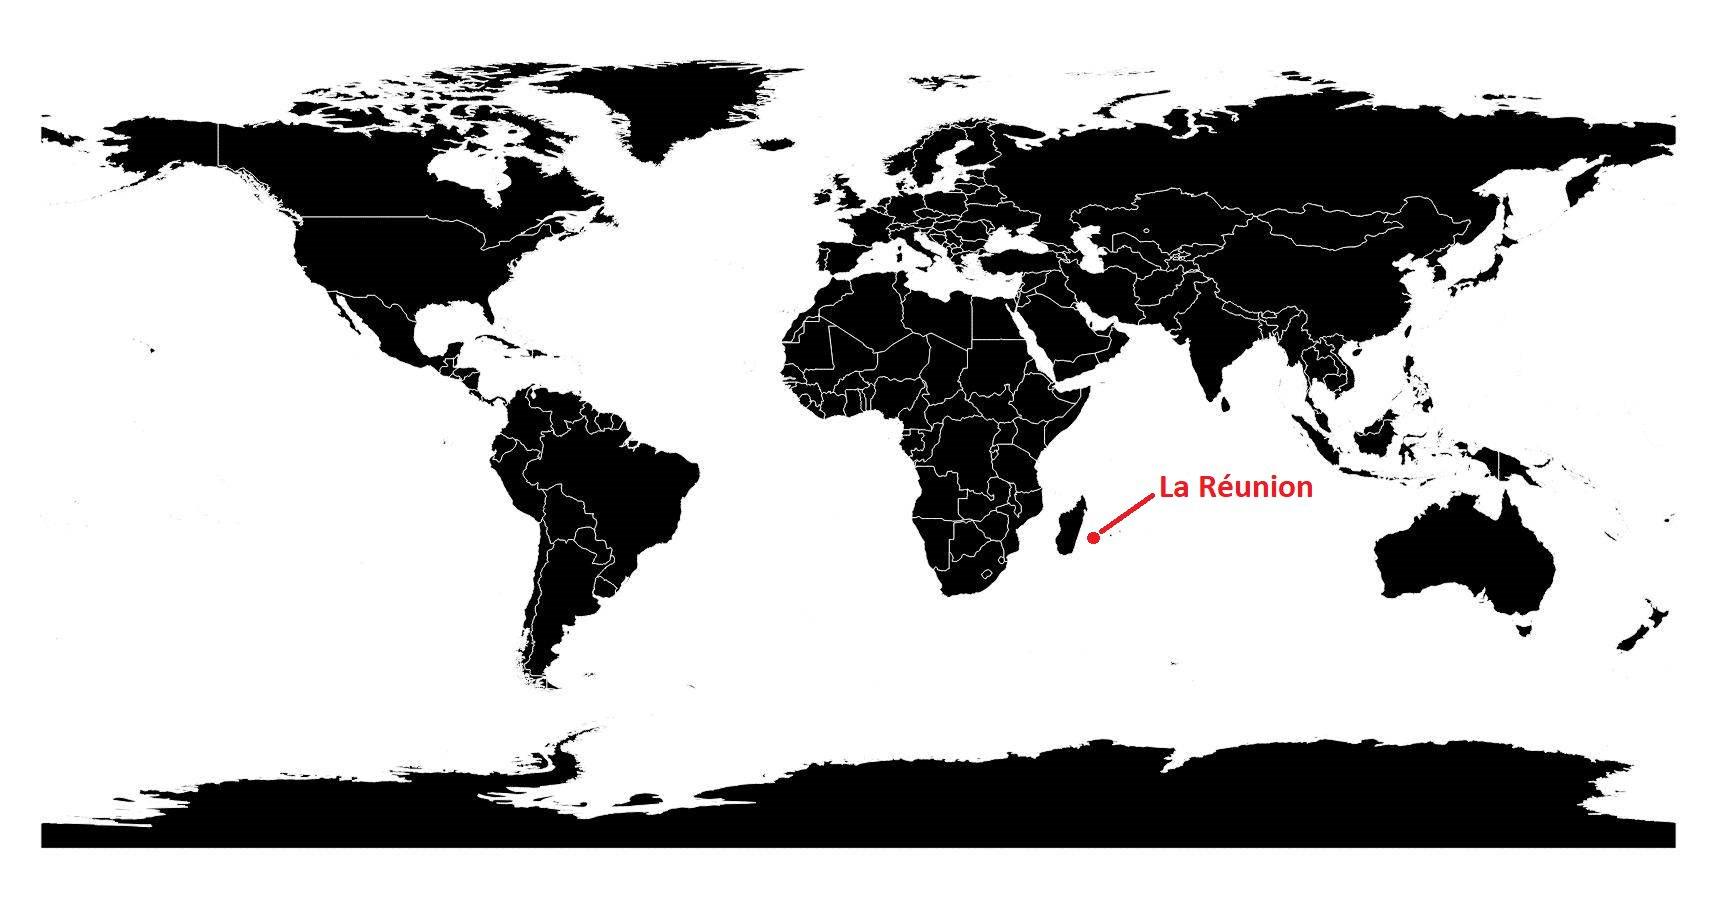 reunion carte du monde Carte de La Réunion   La Réunion cartes des villes, relief